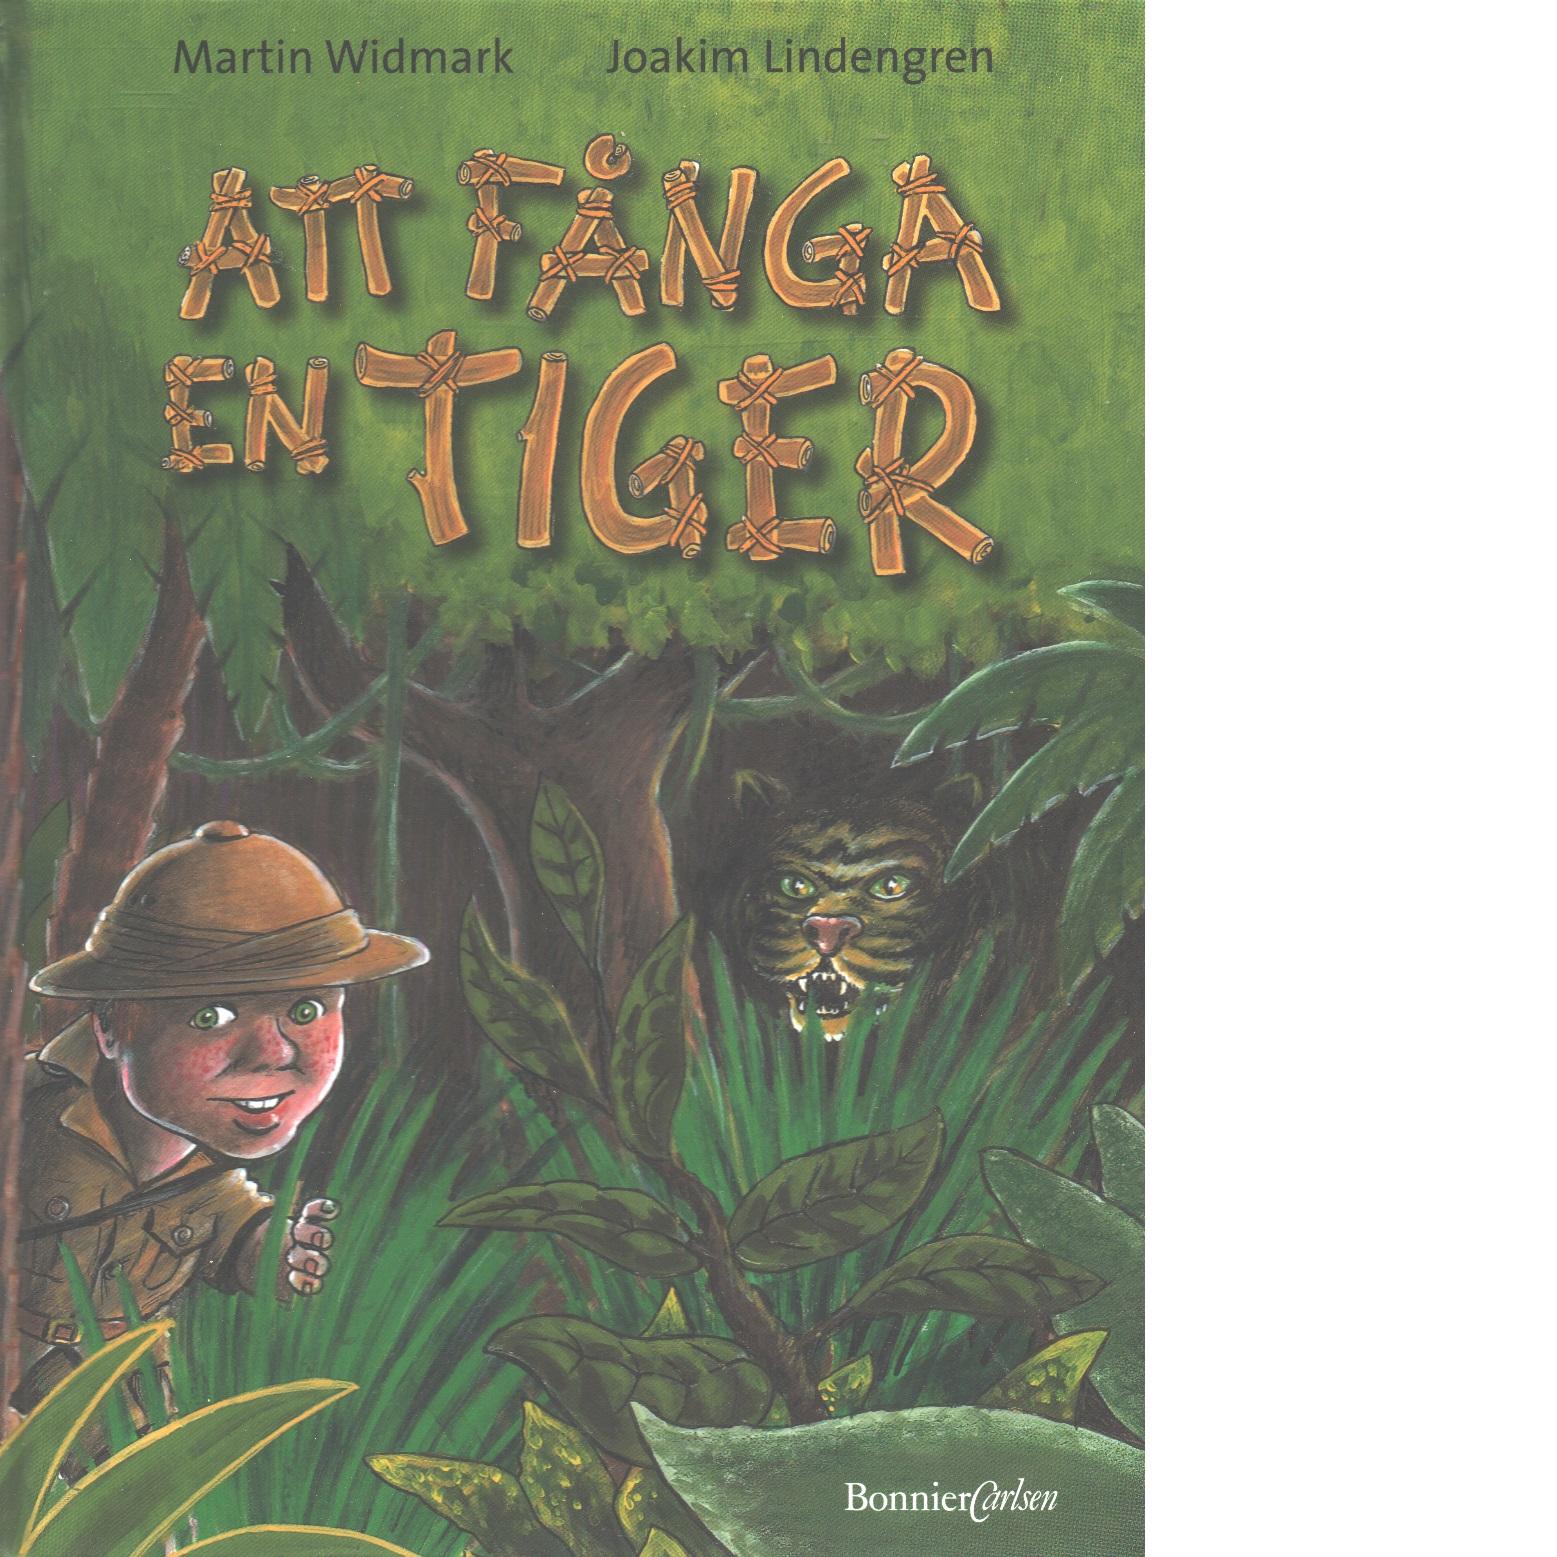 Att fånga en tiger - Widmark, Martin och Lindengren, Joakim